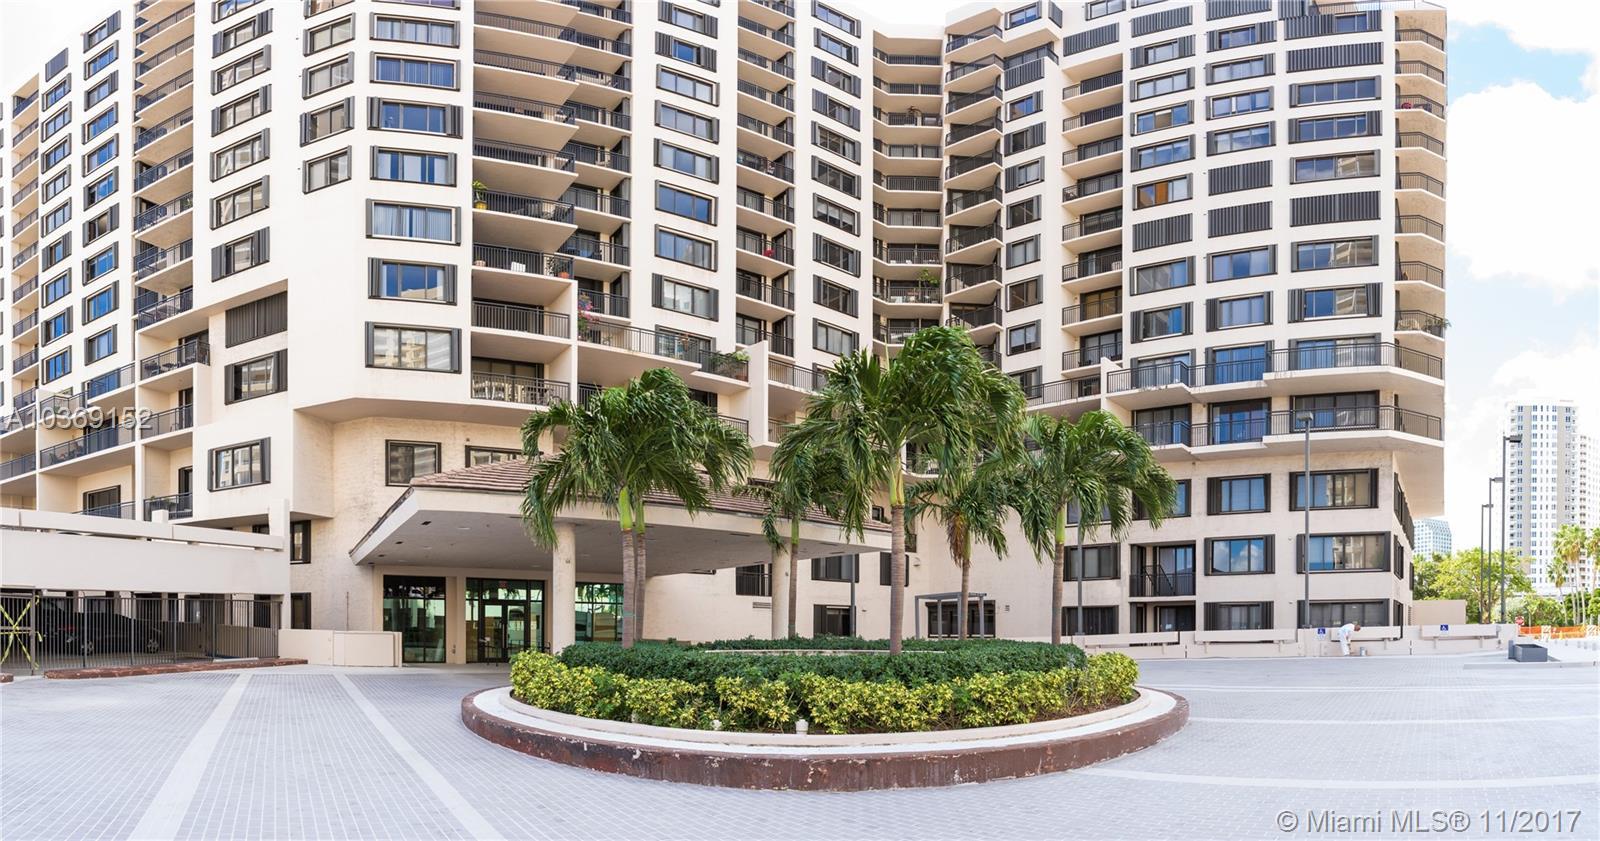 540 E Brickell Key Dr #1805, Miami FL, 33131